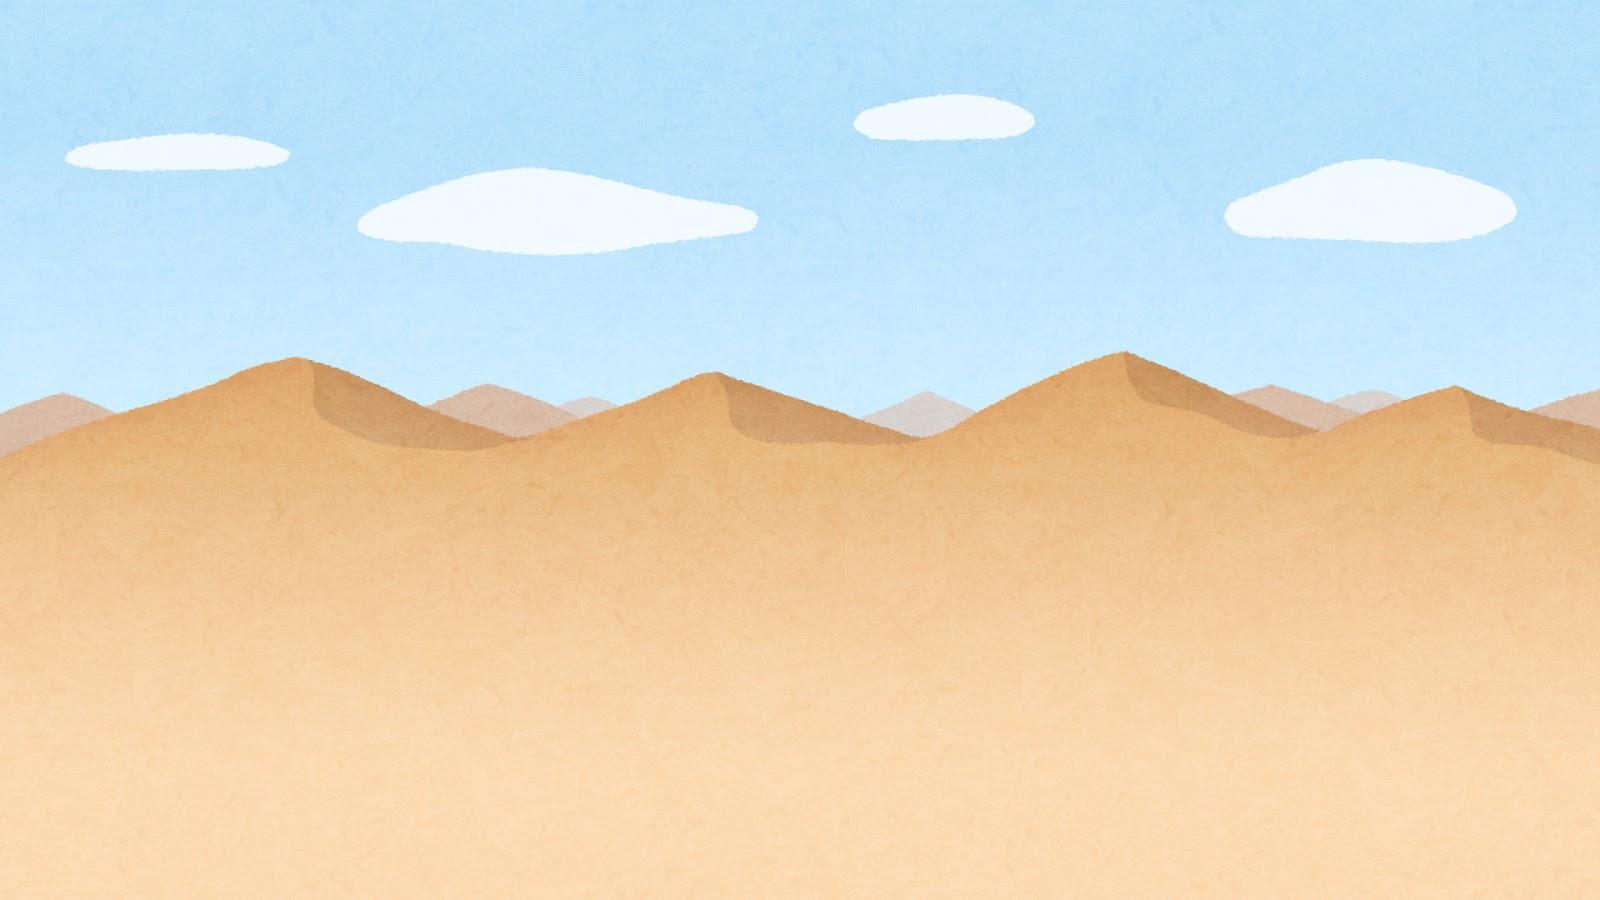 砂漠のイラスト(背景素材) | かわいいフリー素材集 いらすとや